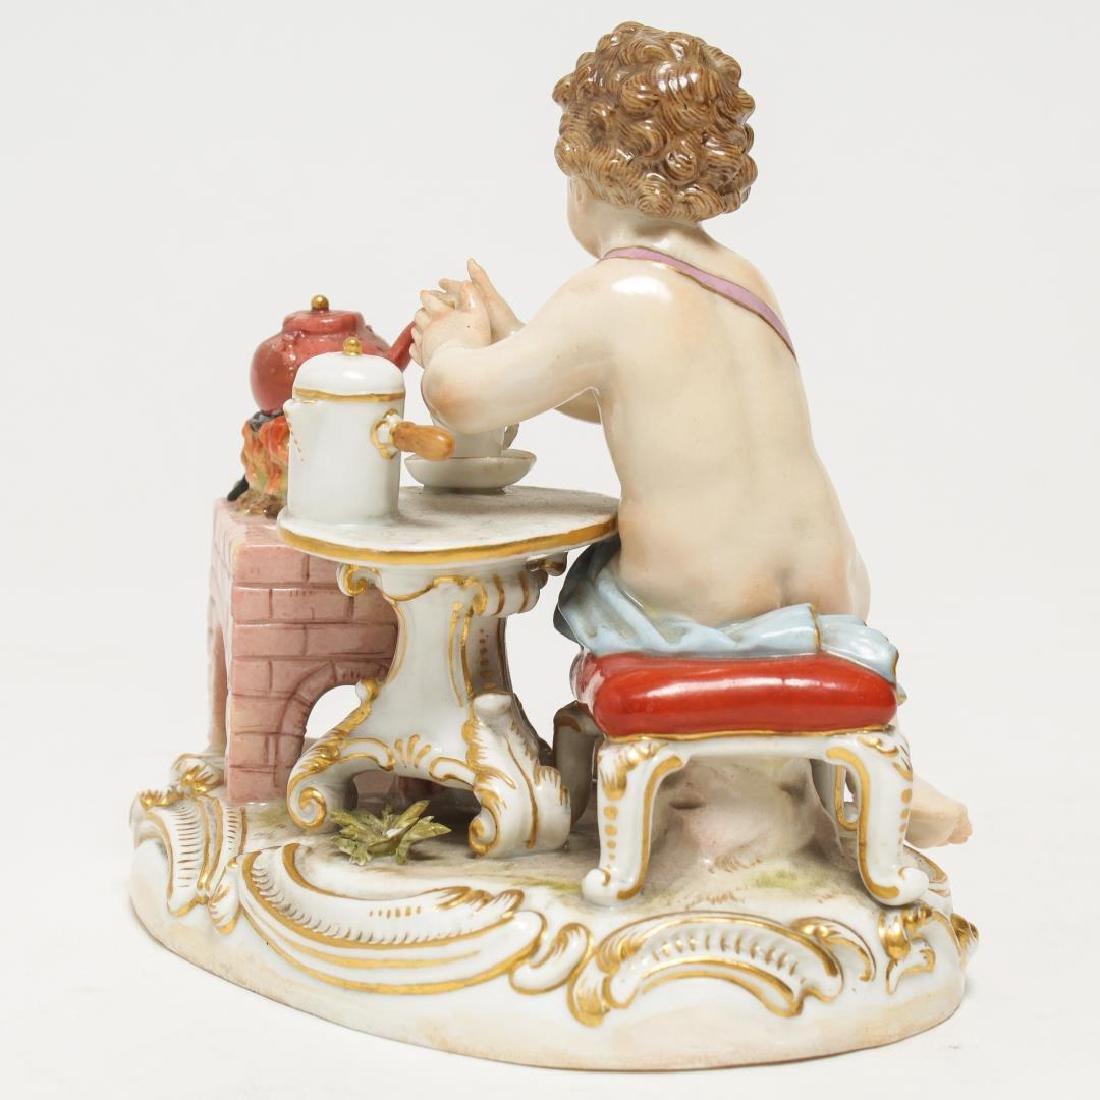 Meissen Porcelain Cherub Chocolatier Figurine - 4